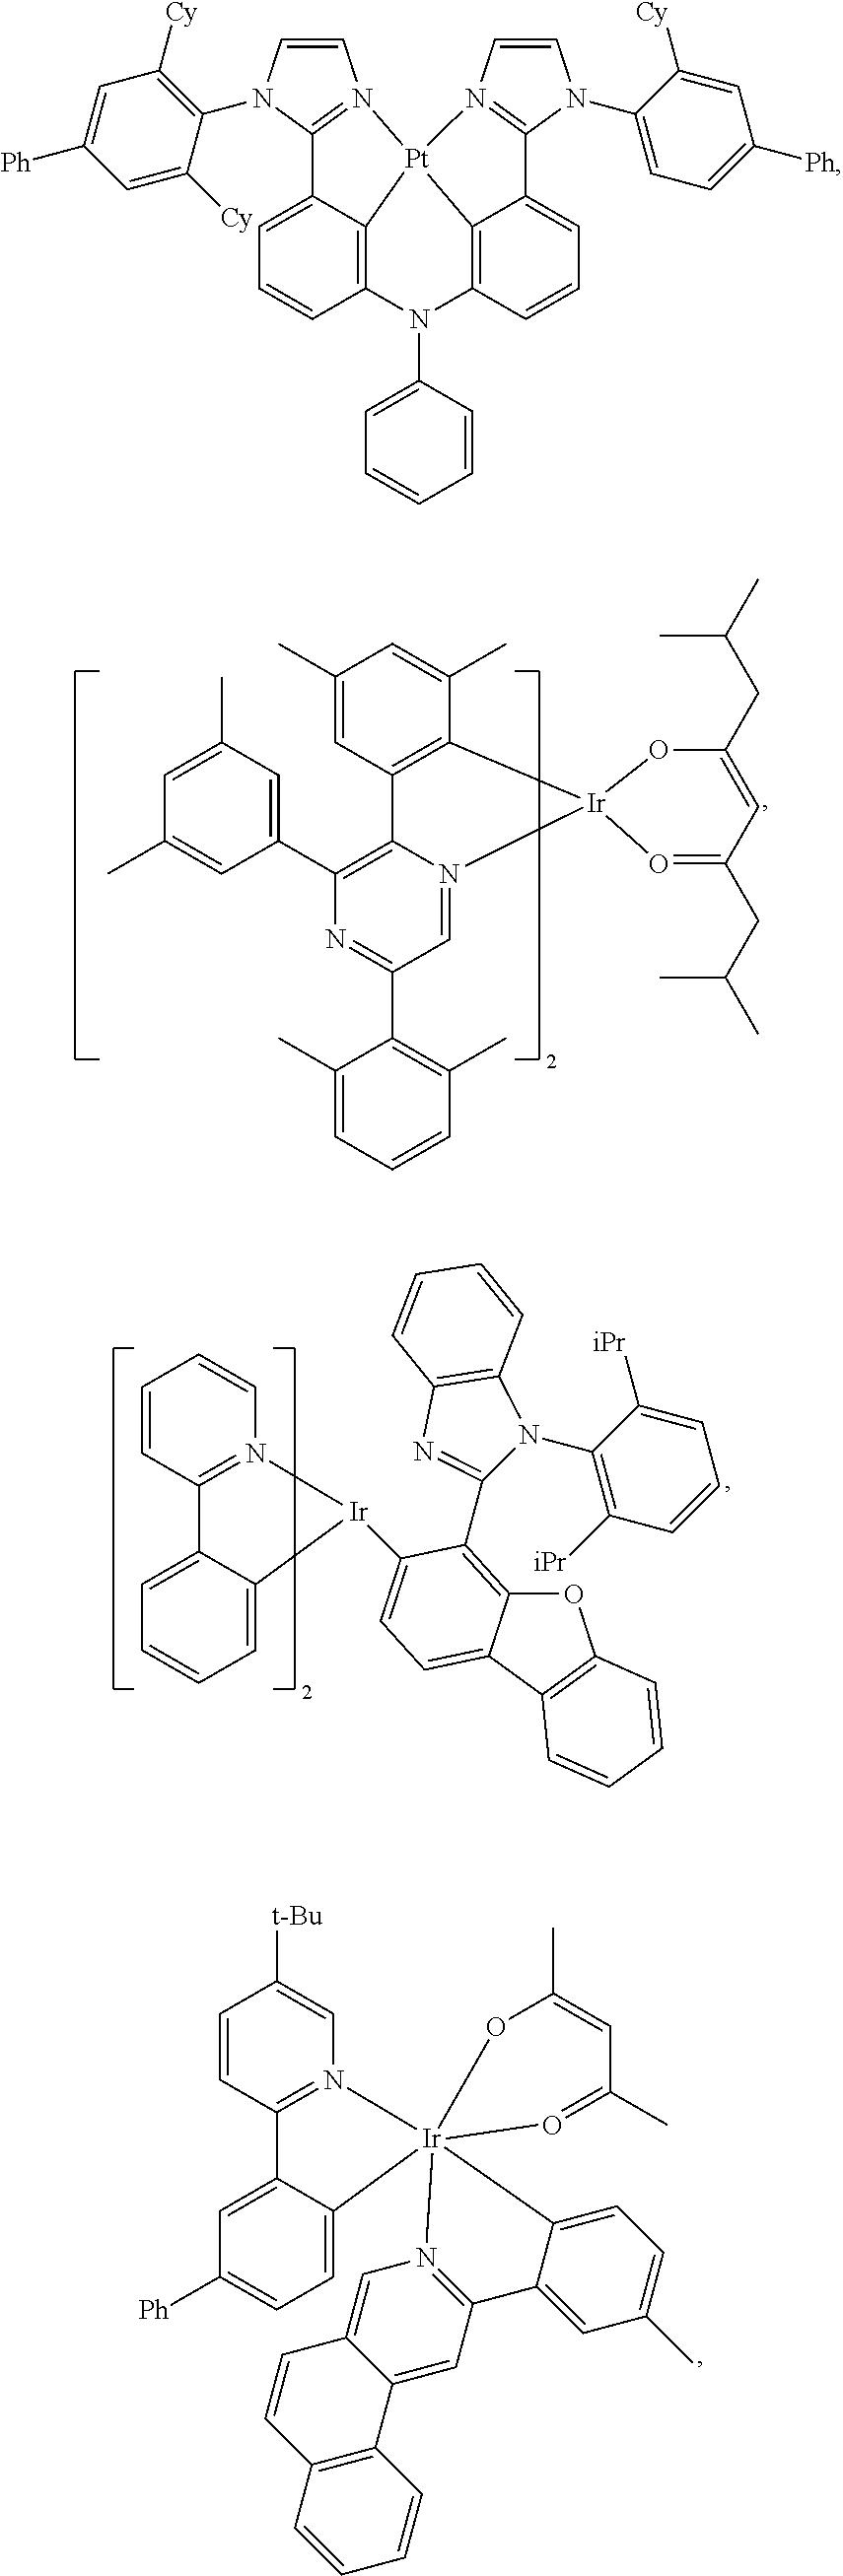 Figure US20180076393A1-20180315-C00104